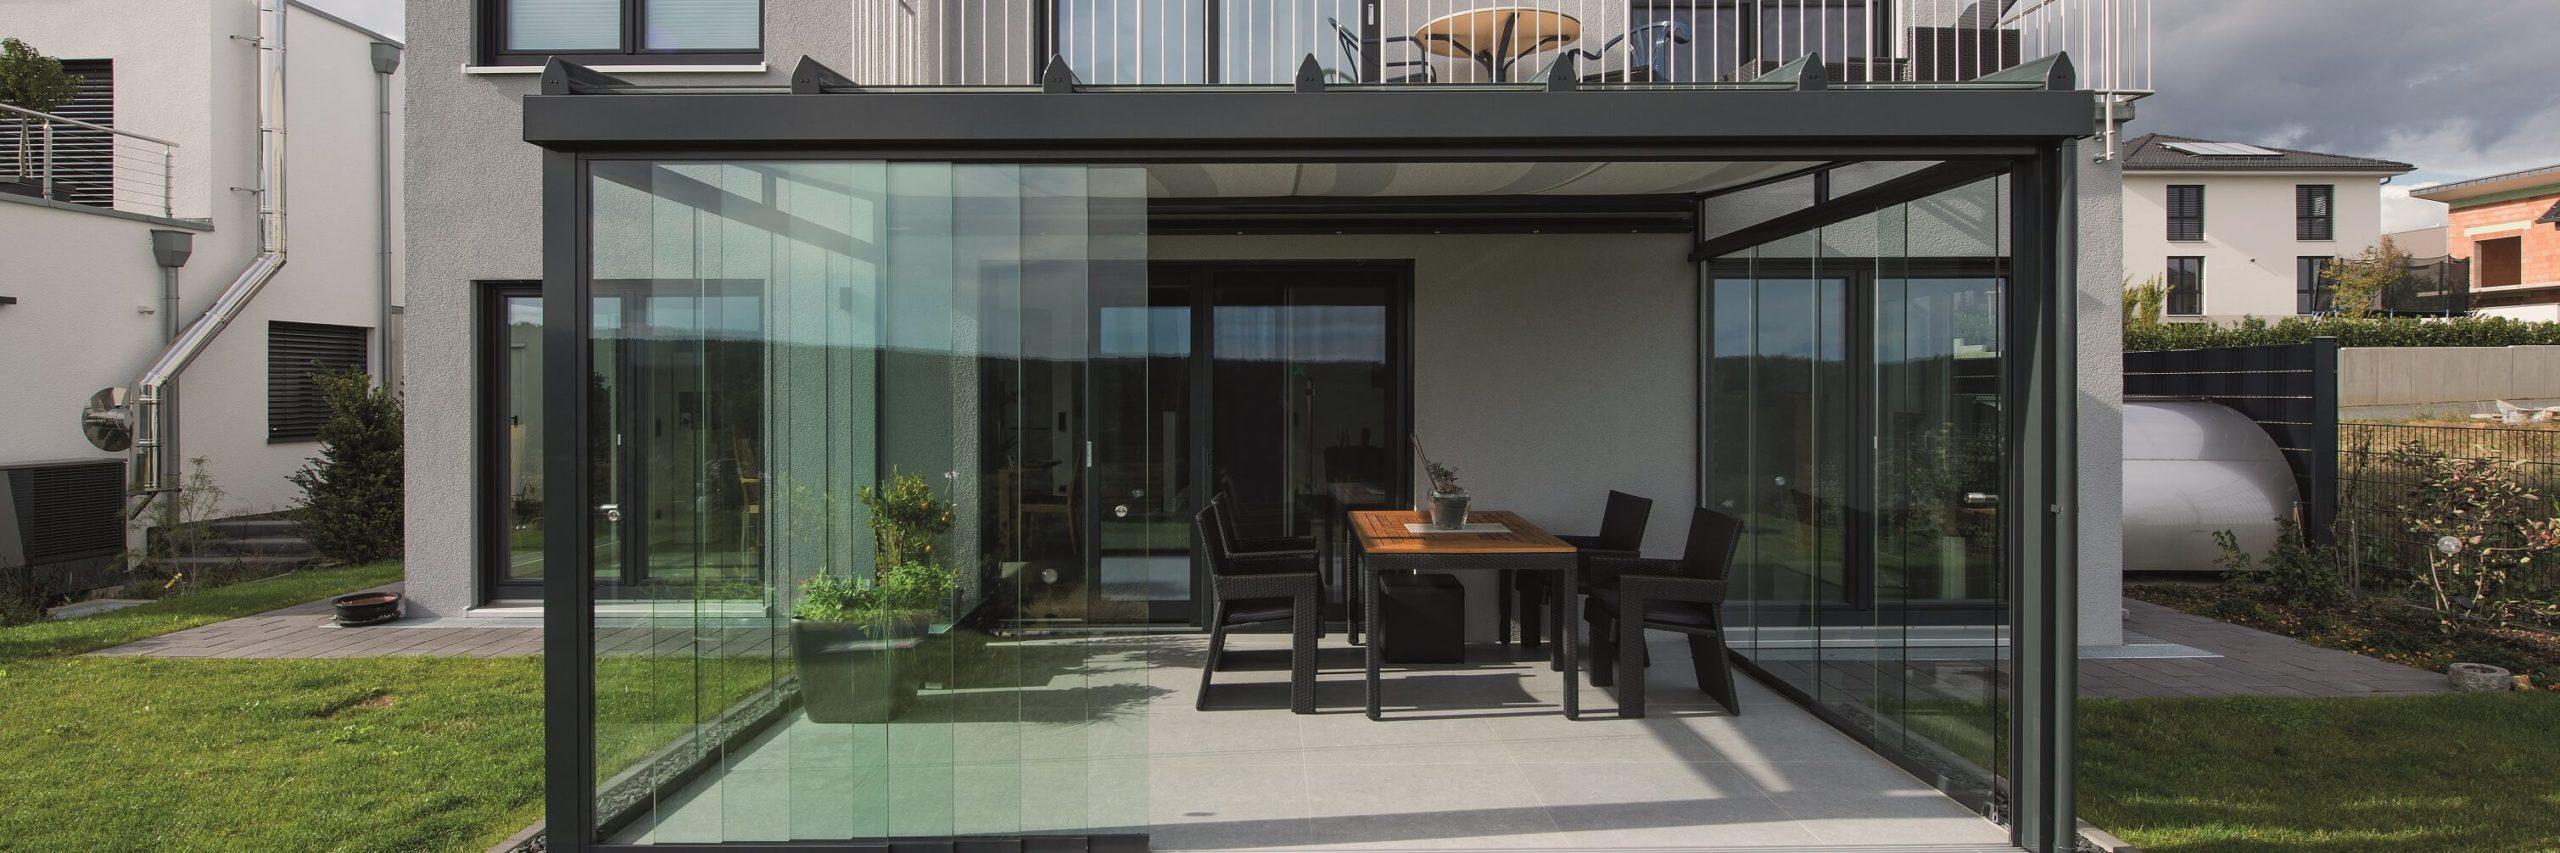 Terrassendach als komplette Glasoase ausgebaut.